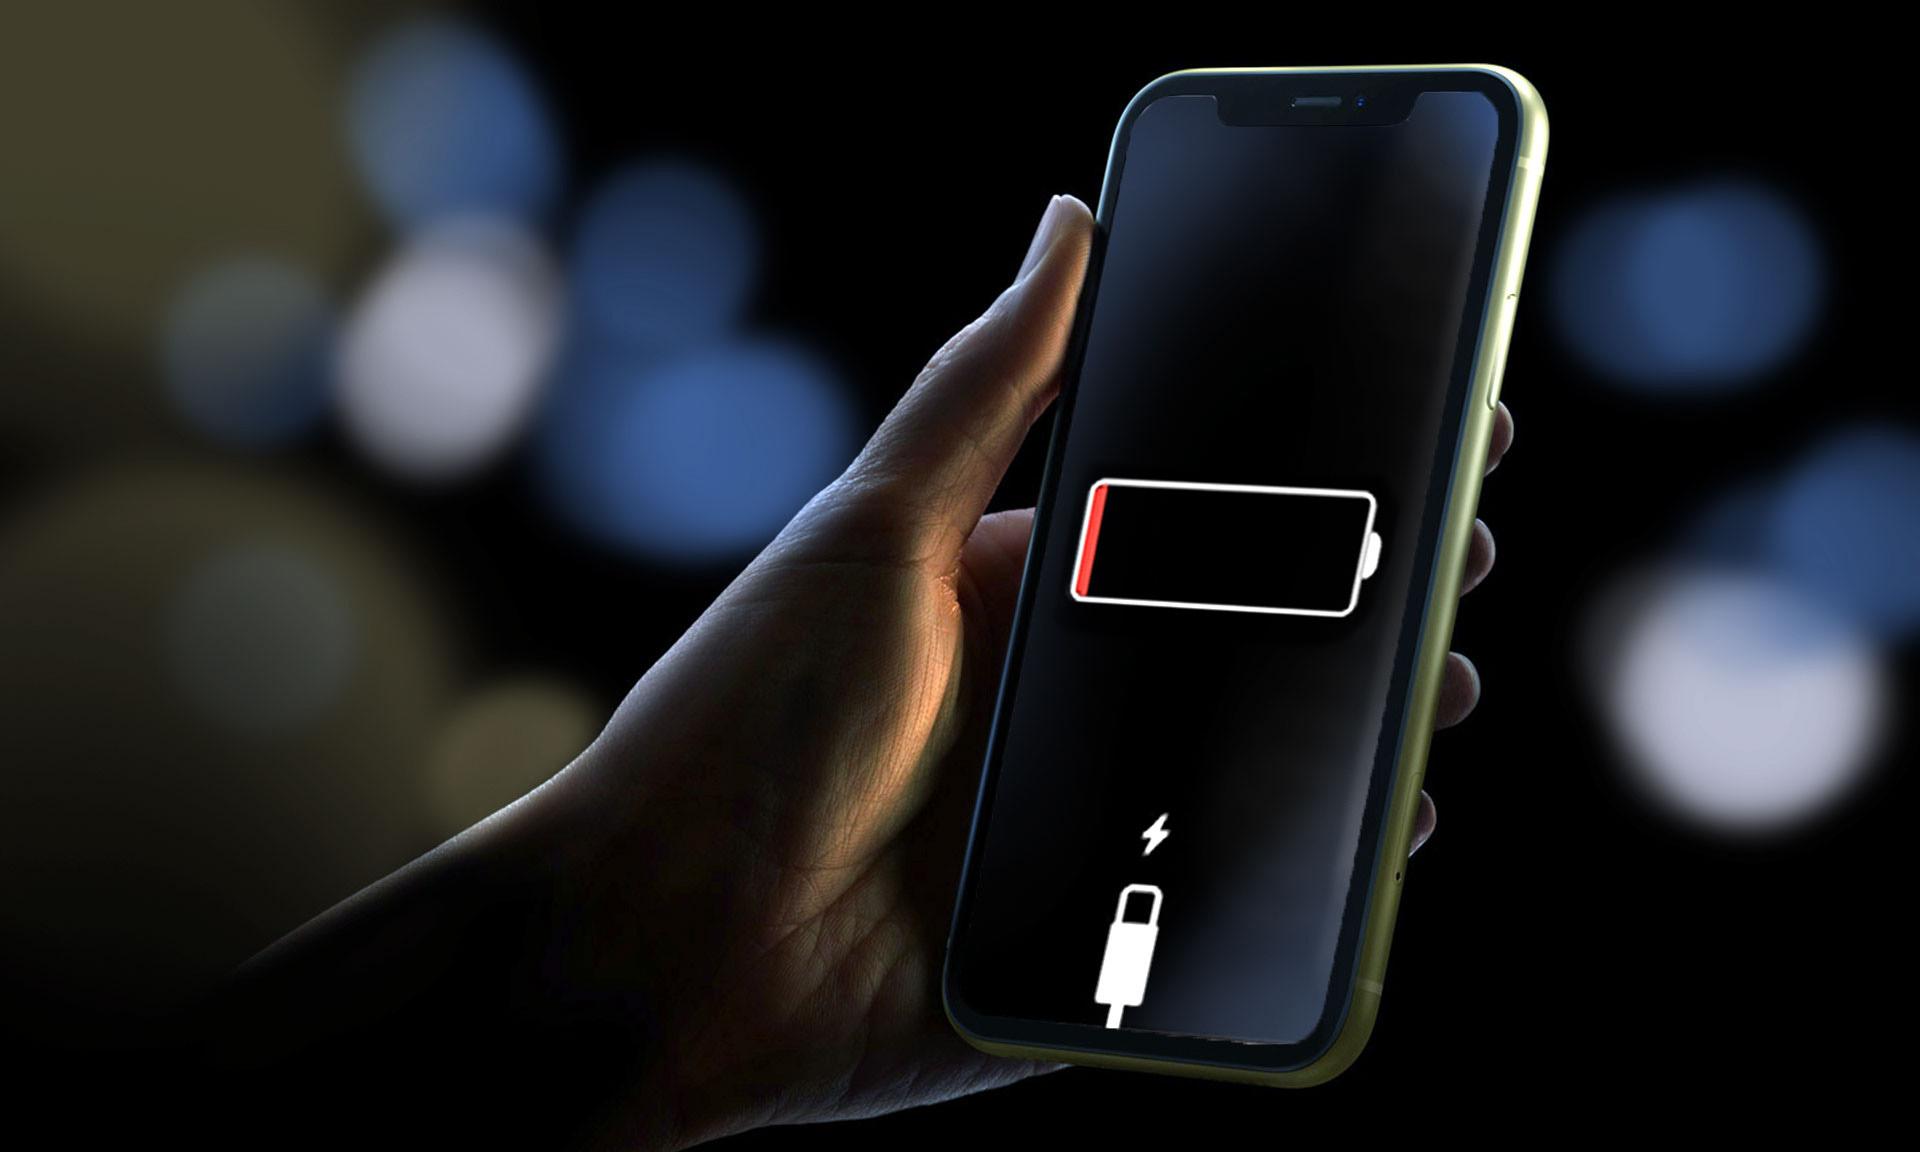 Công nghệ mới giúp pin điện thoại dùng 5 năm không bị chai